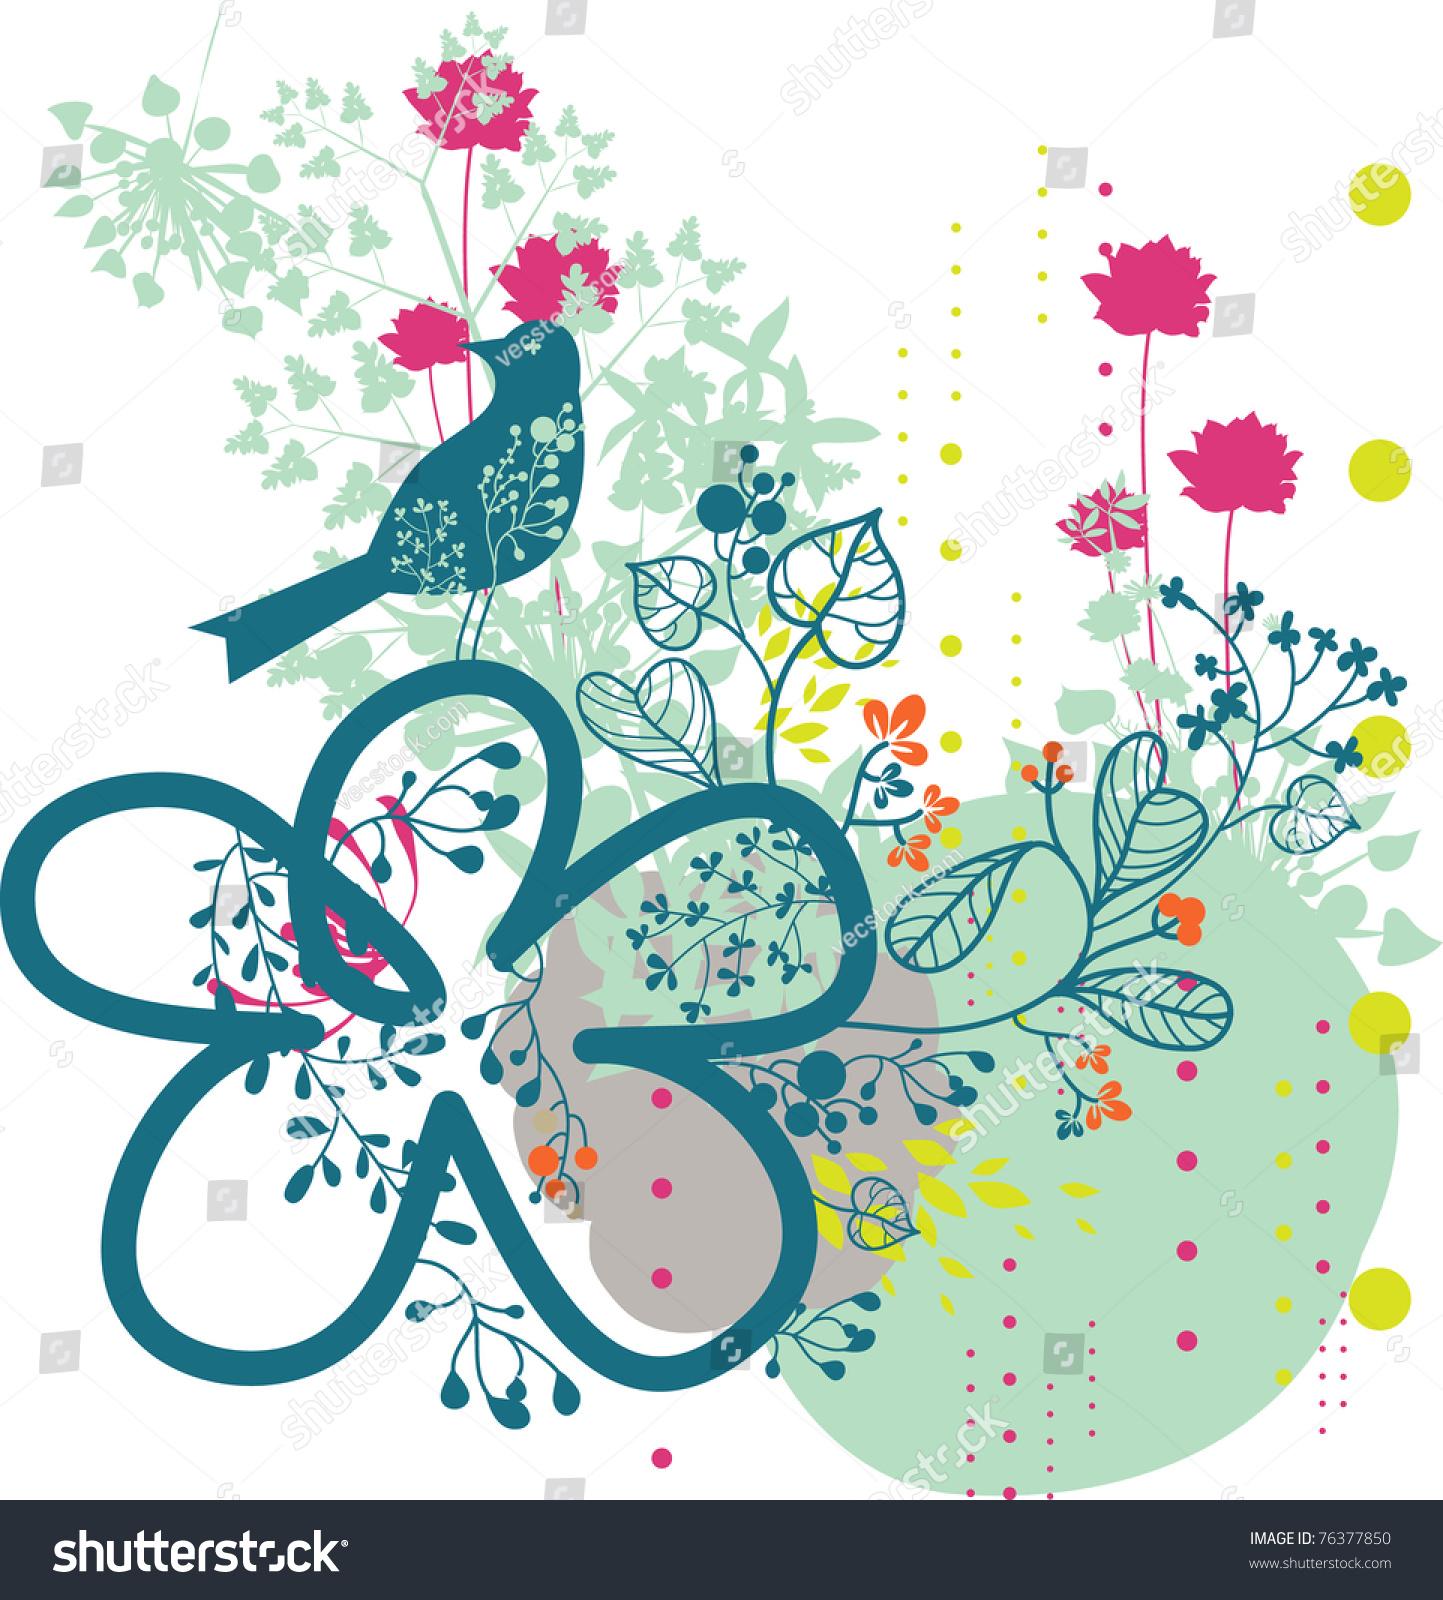 garden paradise bird background design stock vector